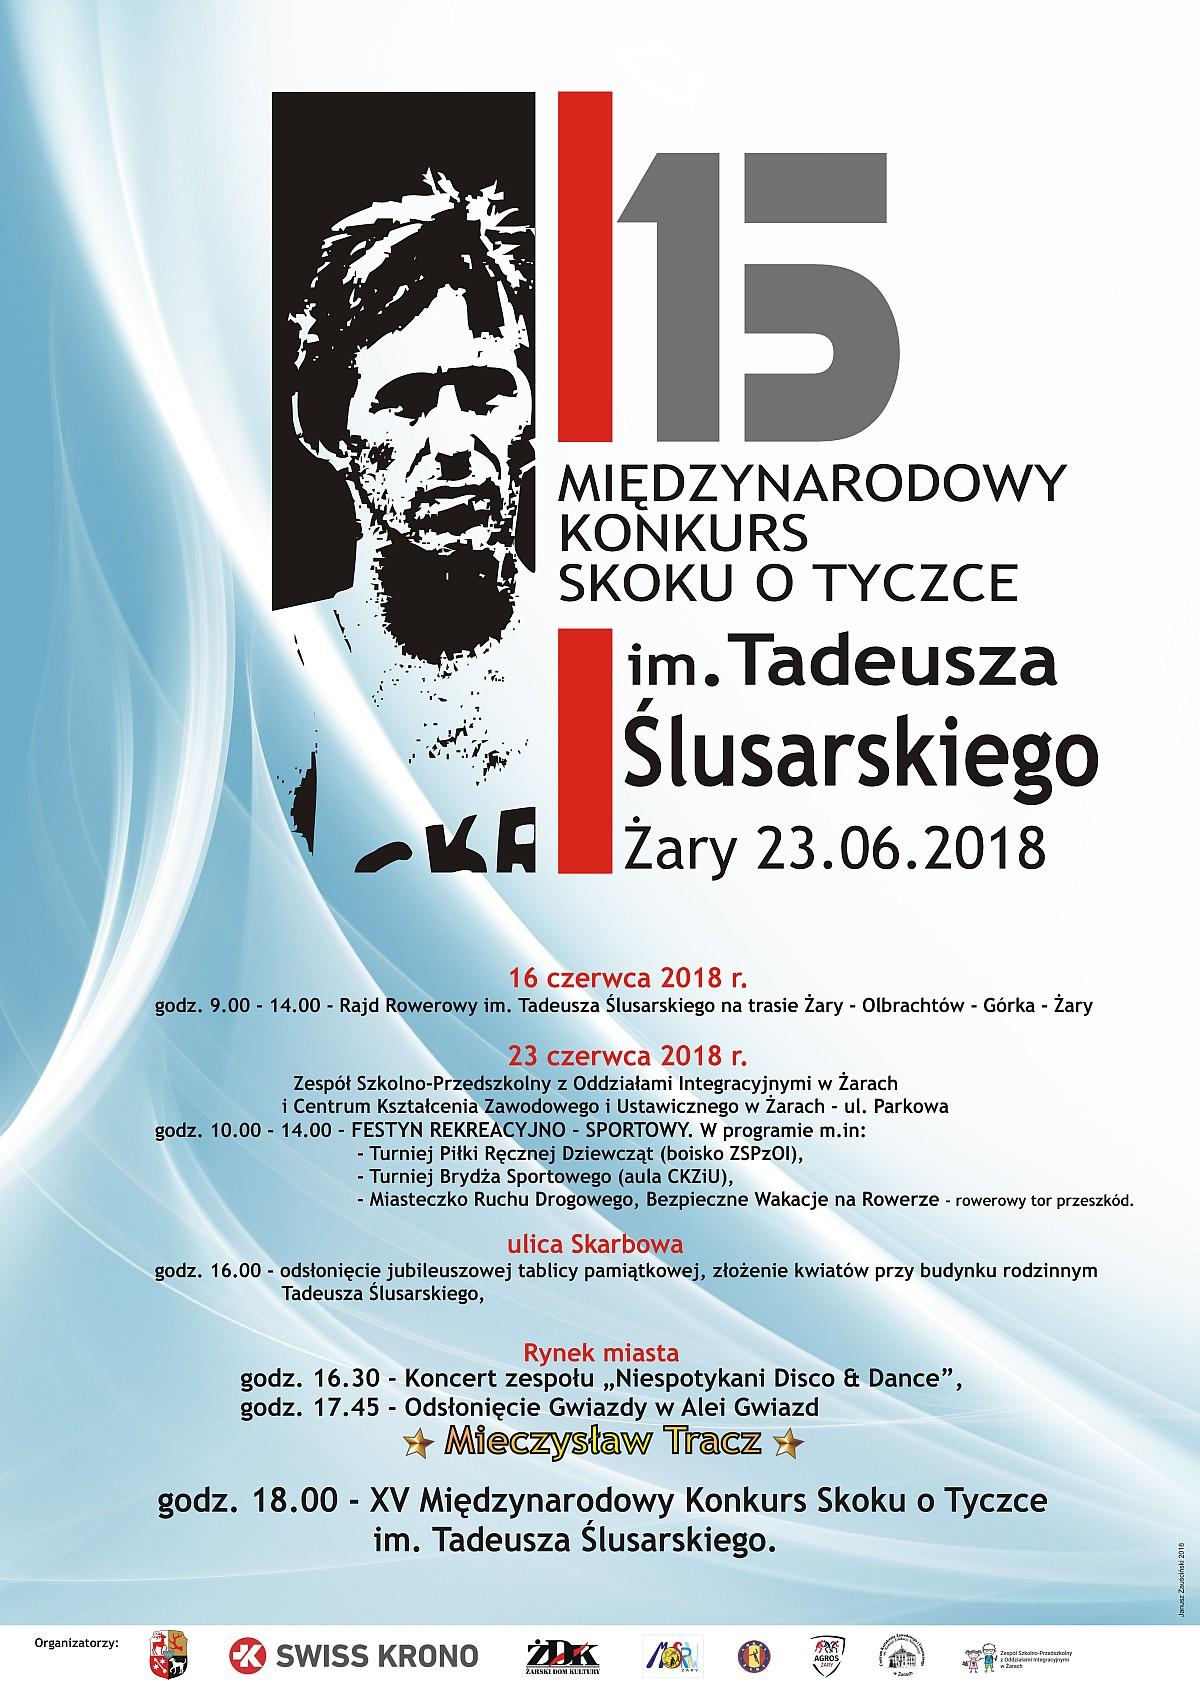 Ilustracja do informacji: 15 Międzynarodowy Konkurs Skoku o Tyczce